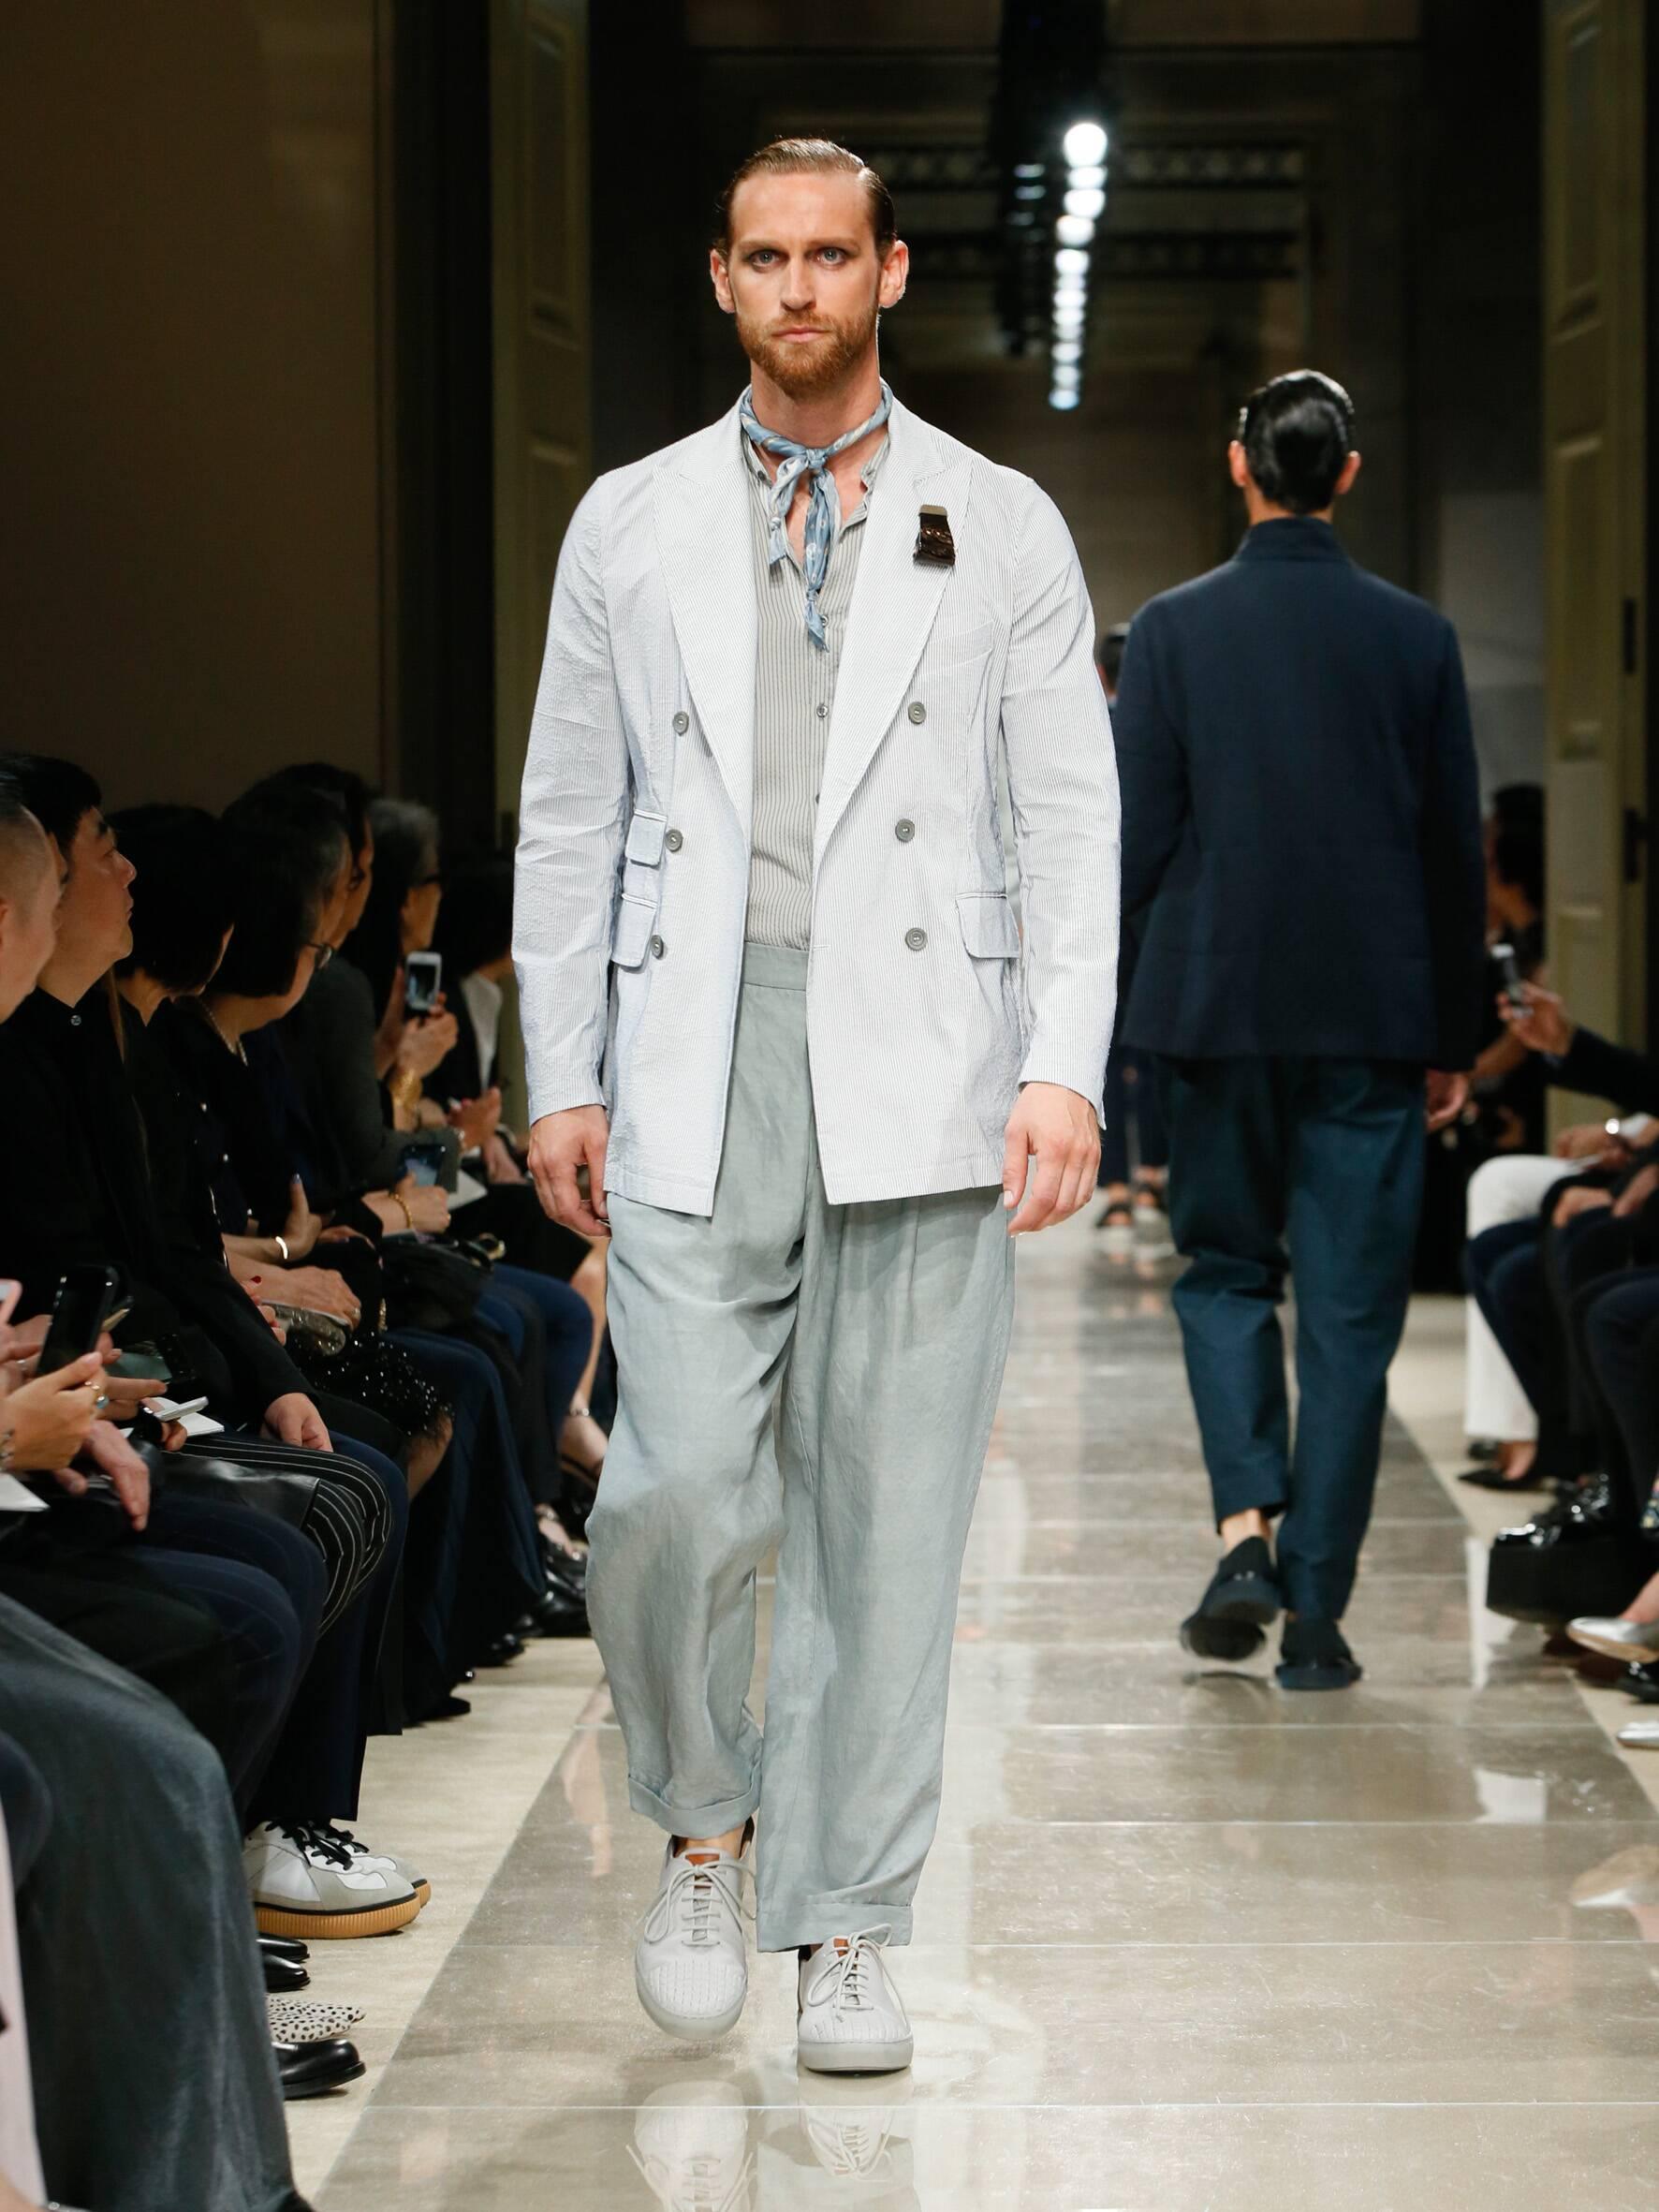 Giorgio Armani Cruise 2020 Collection Look 79 Tokyo